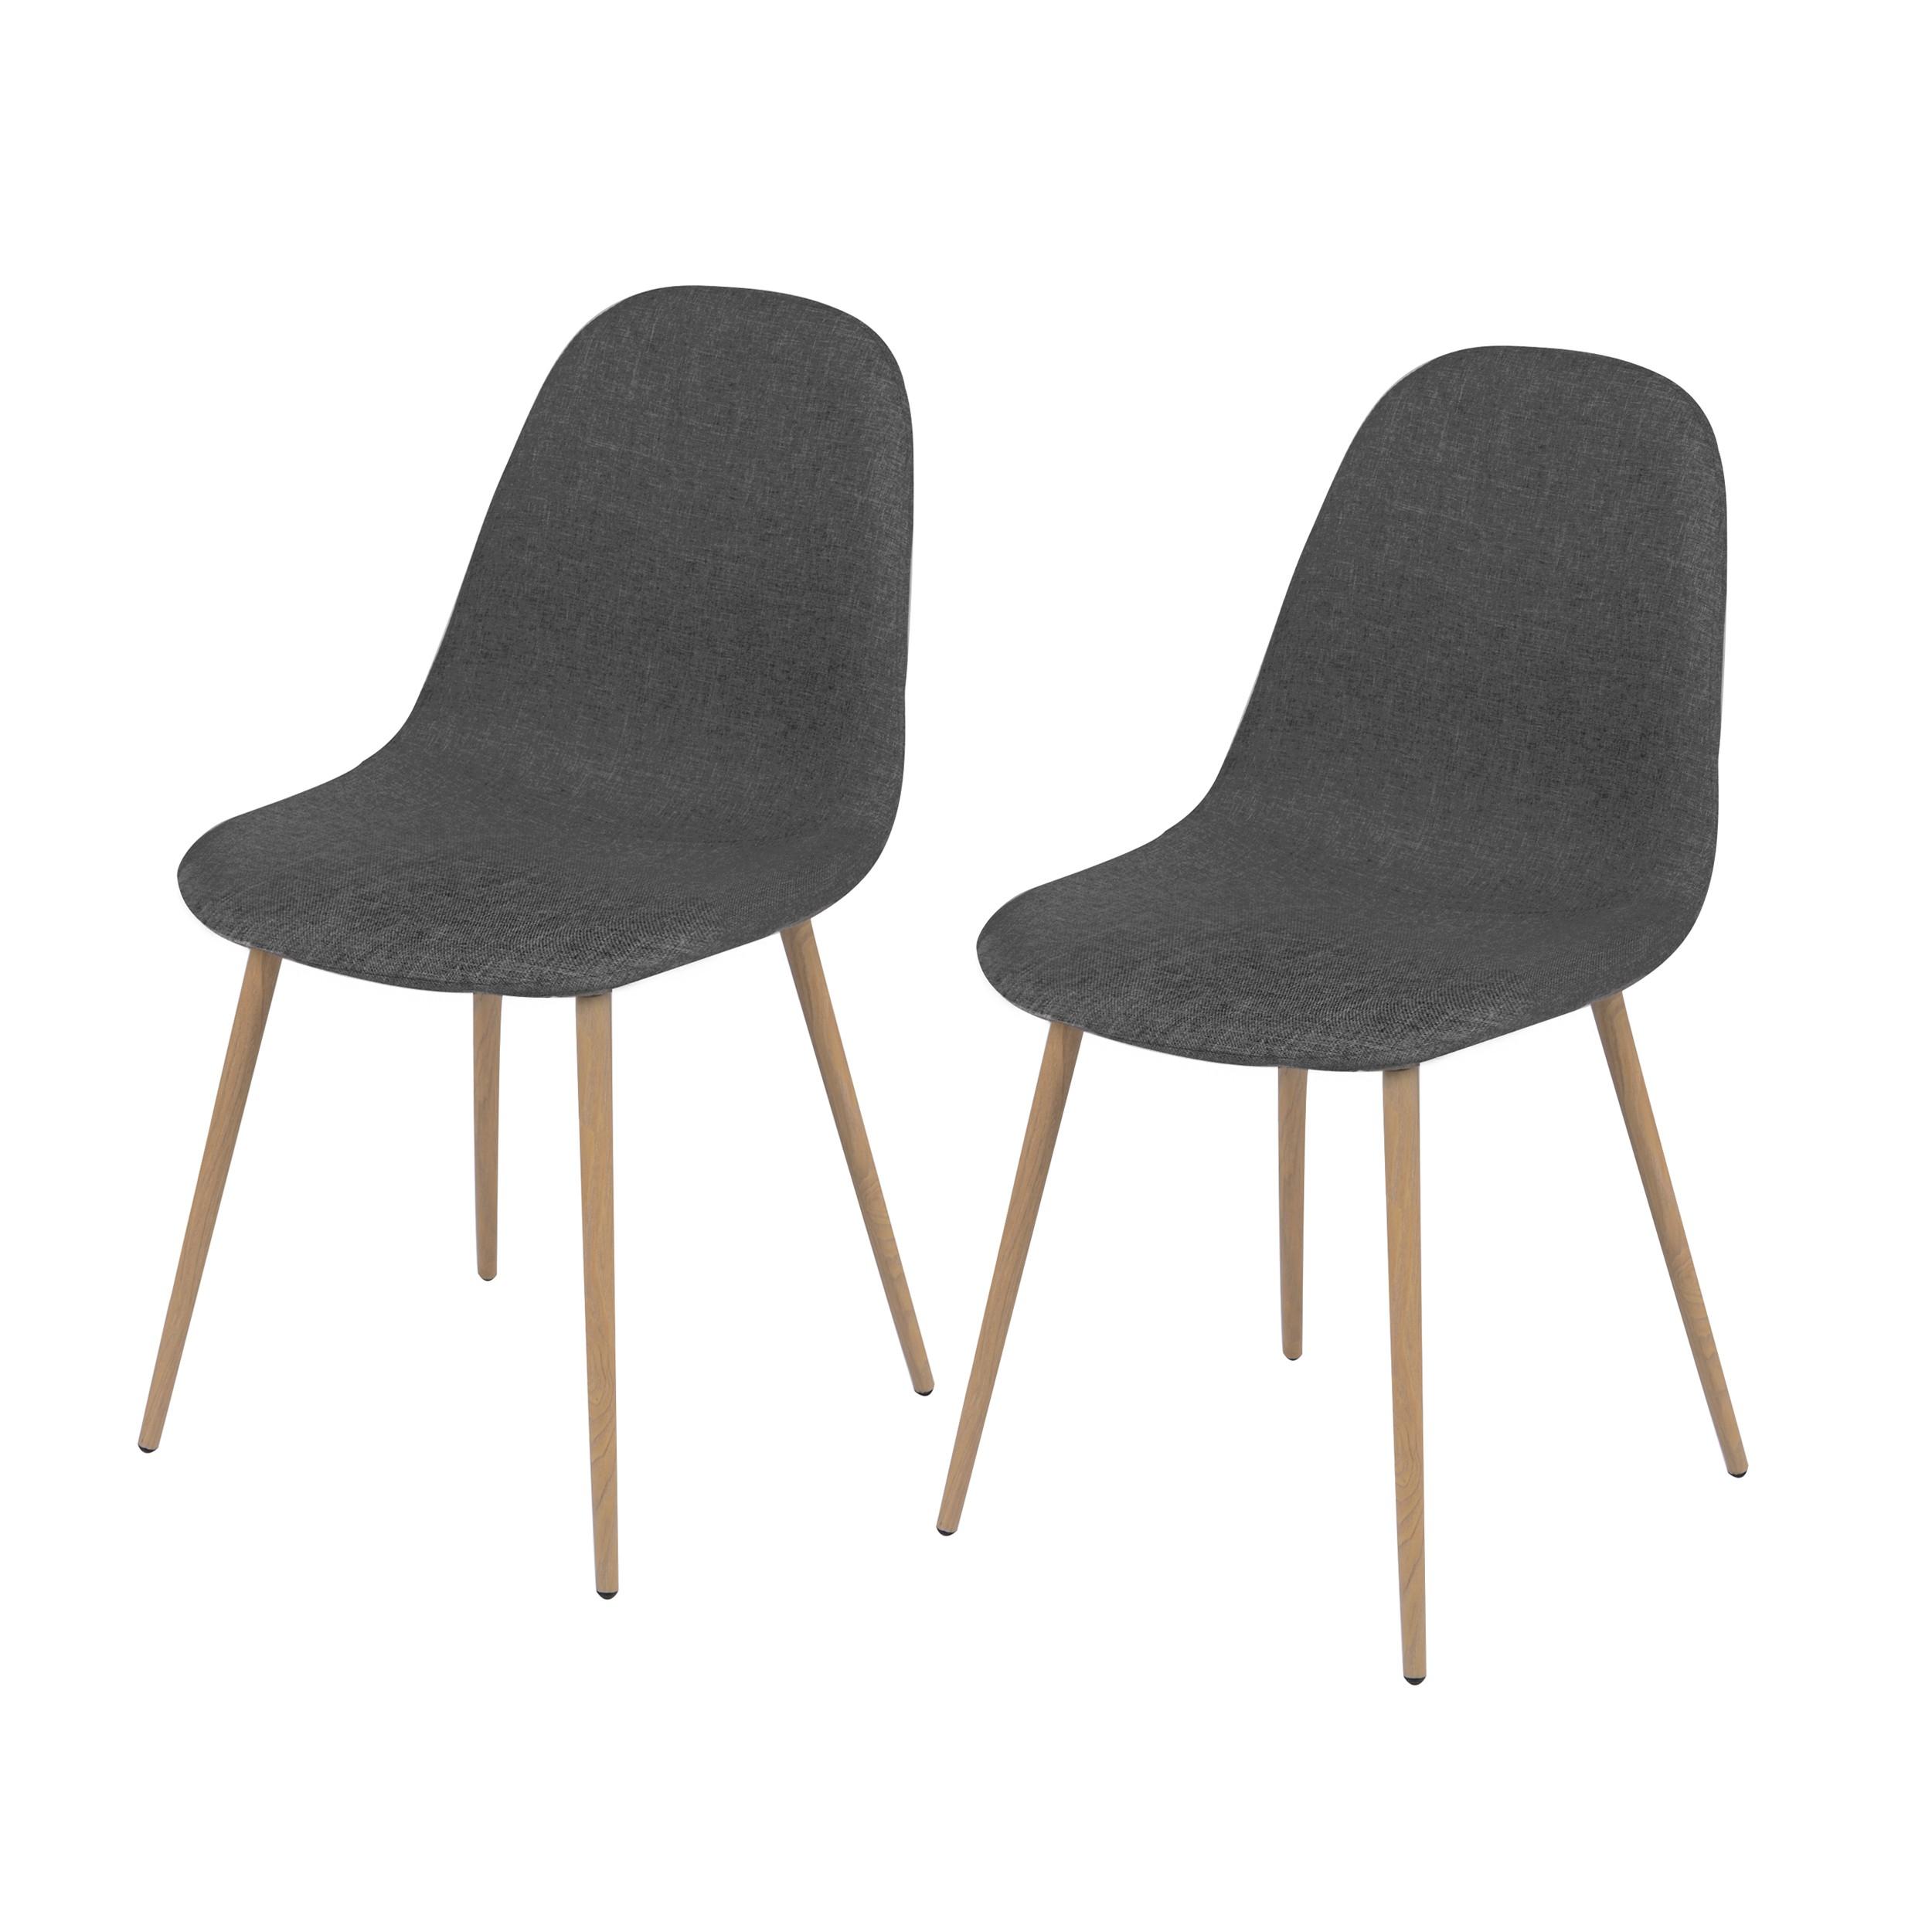 Chaise Fredrik grise achetez nos chaises Fredrik grises design